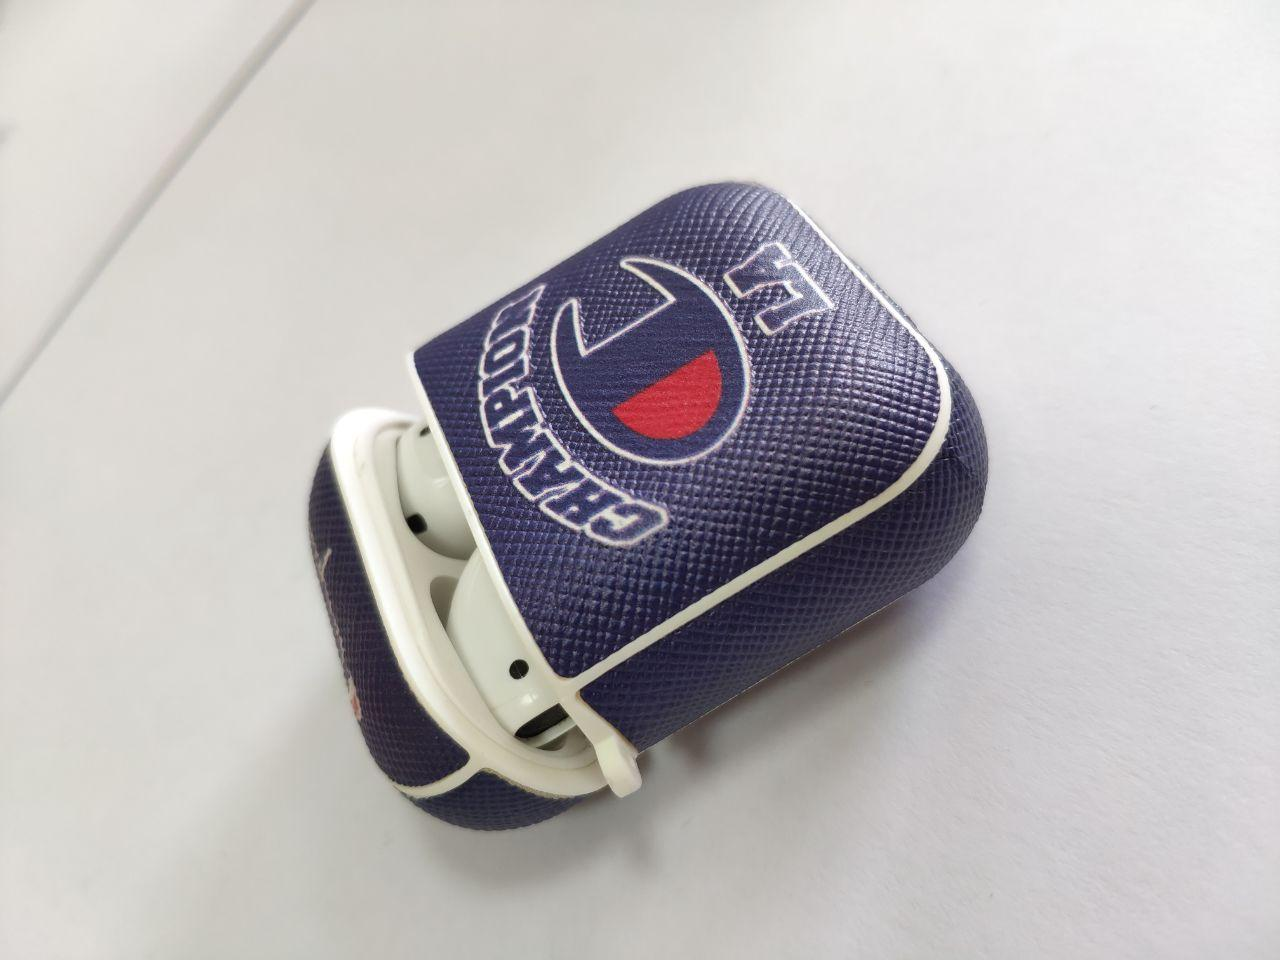 ОПТ Чохол на кейс для бездротових навушників AirPods 2 шкіряний з принтом